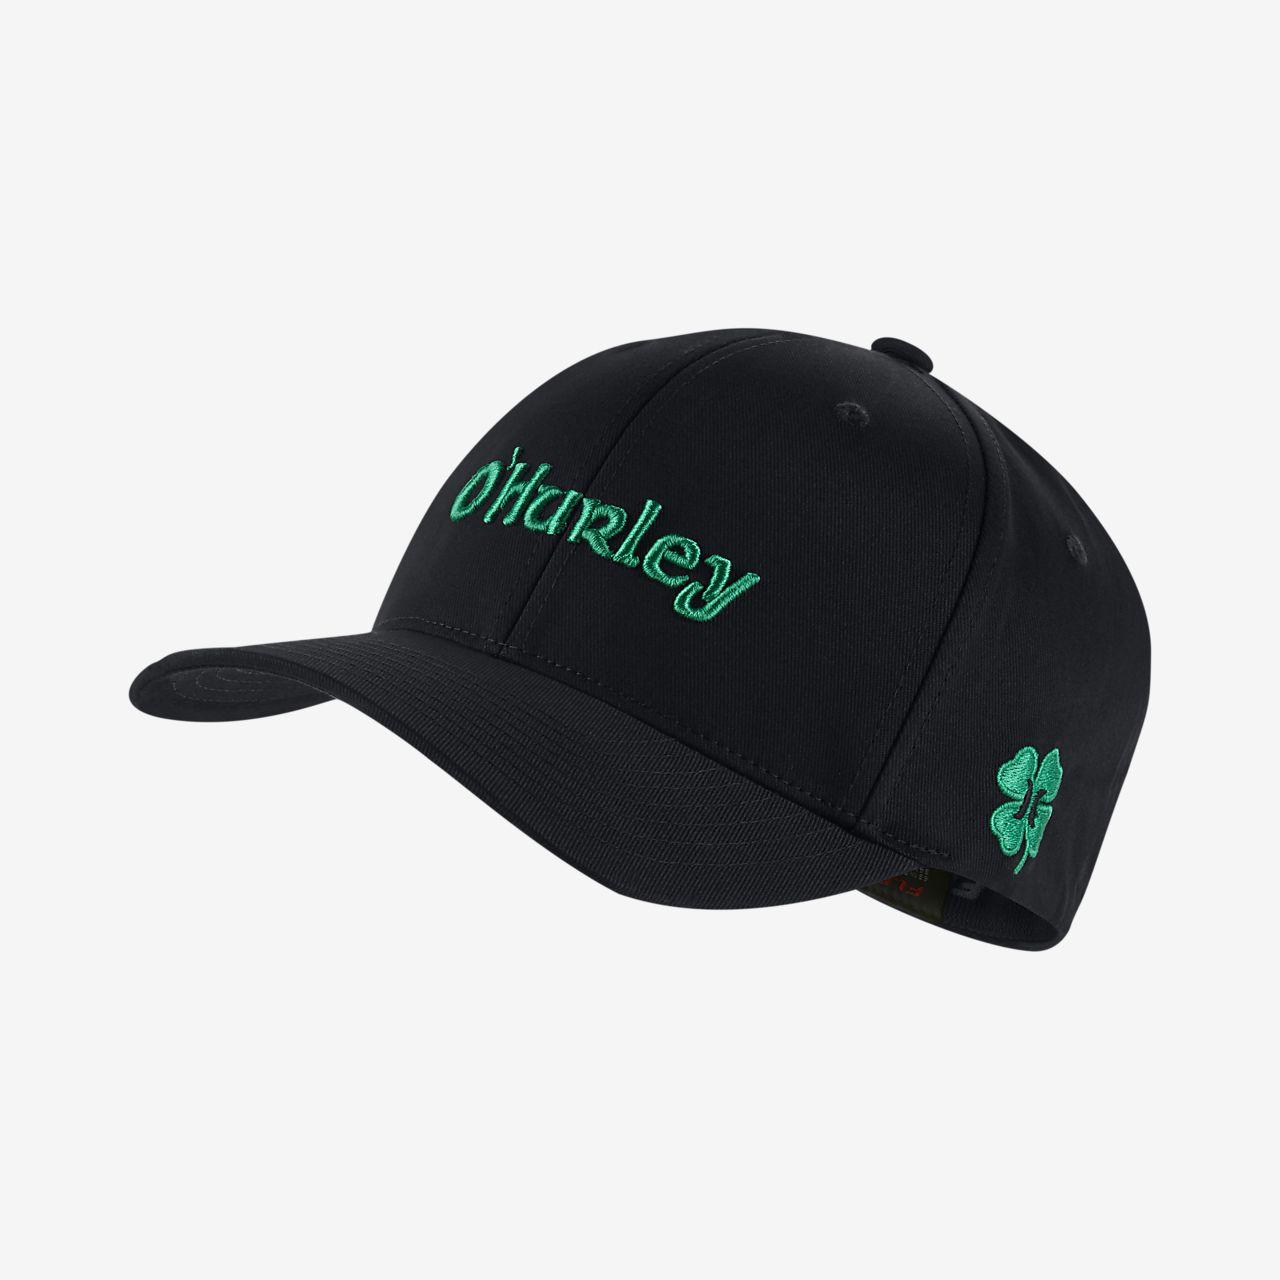 Hurley Paddy Gorra - Hombre. Nike.com ES bd62d35cea4